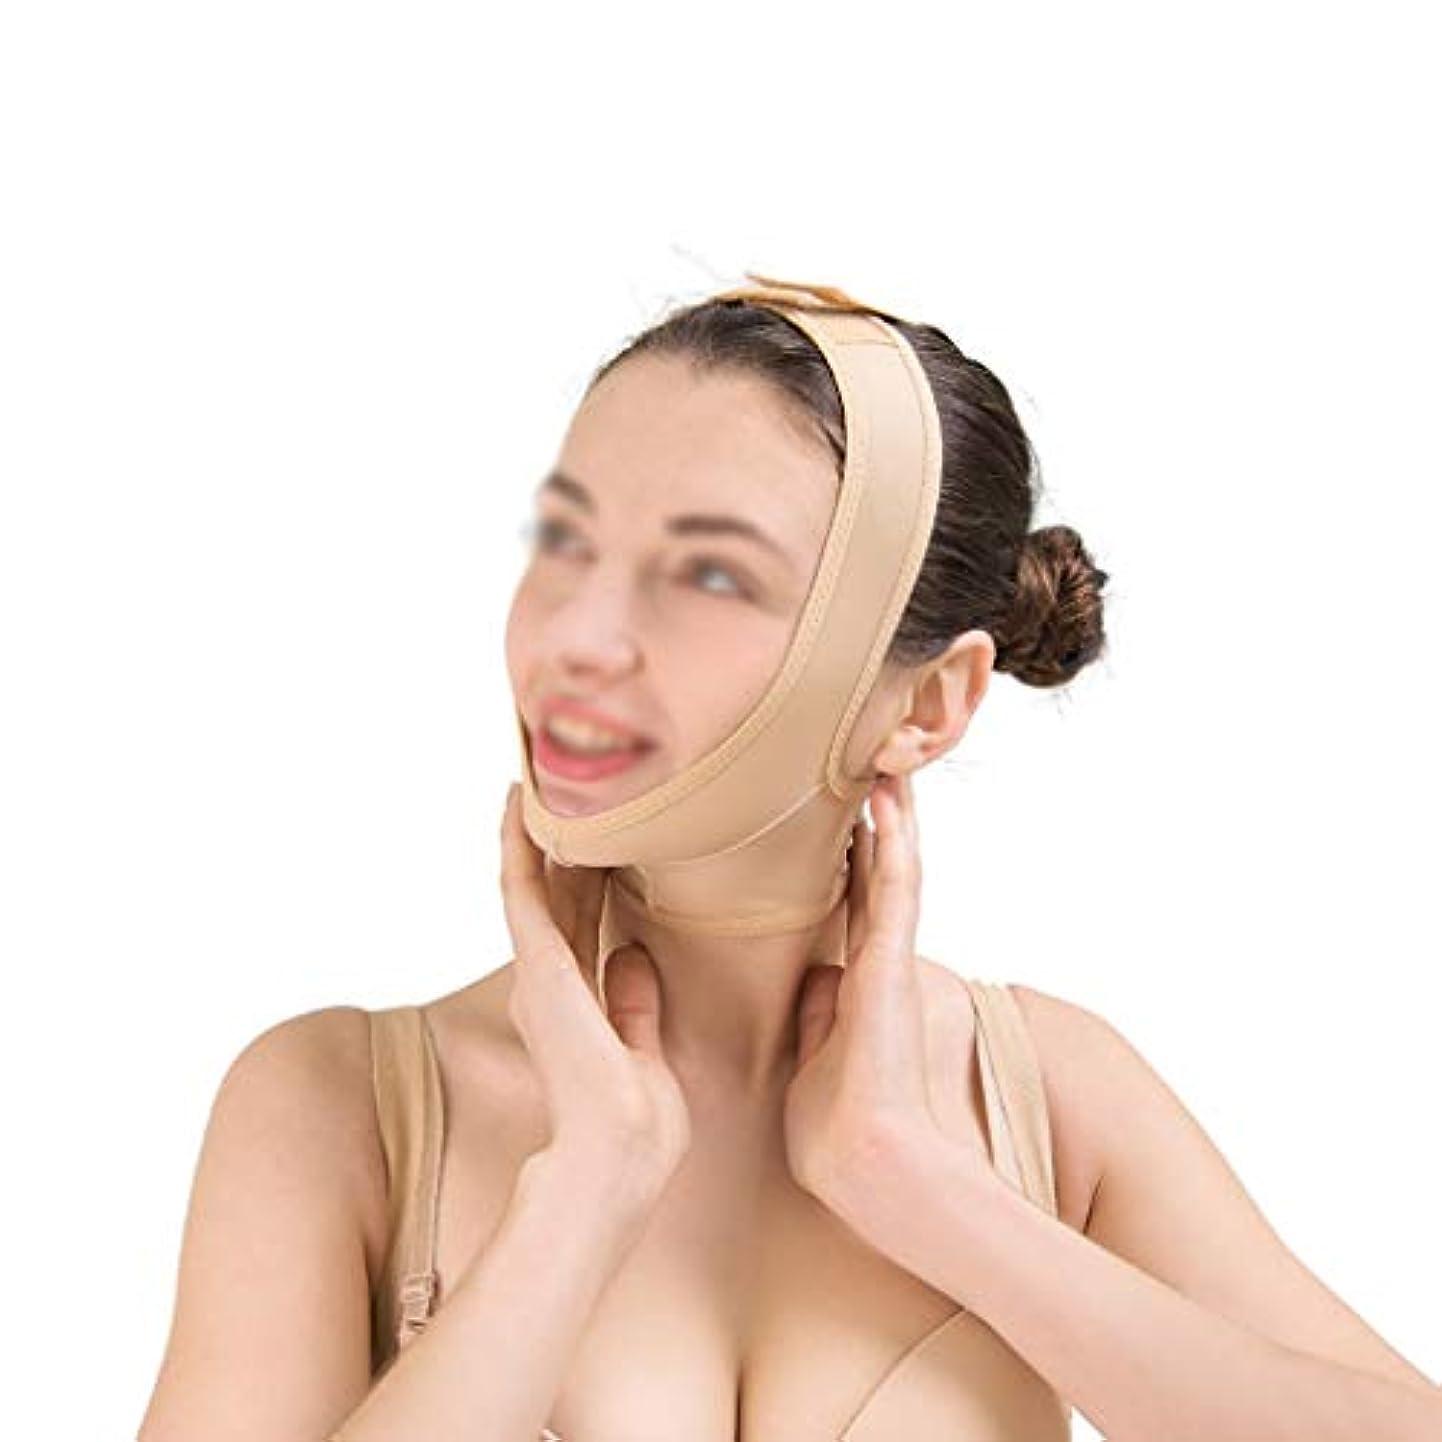 爆発明らか入手しますLJK 二重あごのストラップ、包帯を持ち上げる、持ち上がると肌の包帯を引き締める、通気性のフェイスマスク、快適で通気性のある顔の持ち上がるマスク (Size : S)